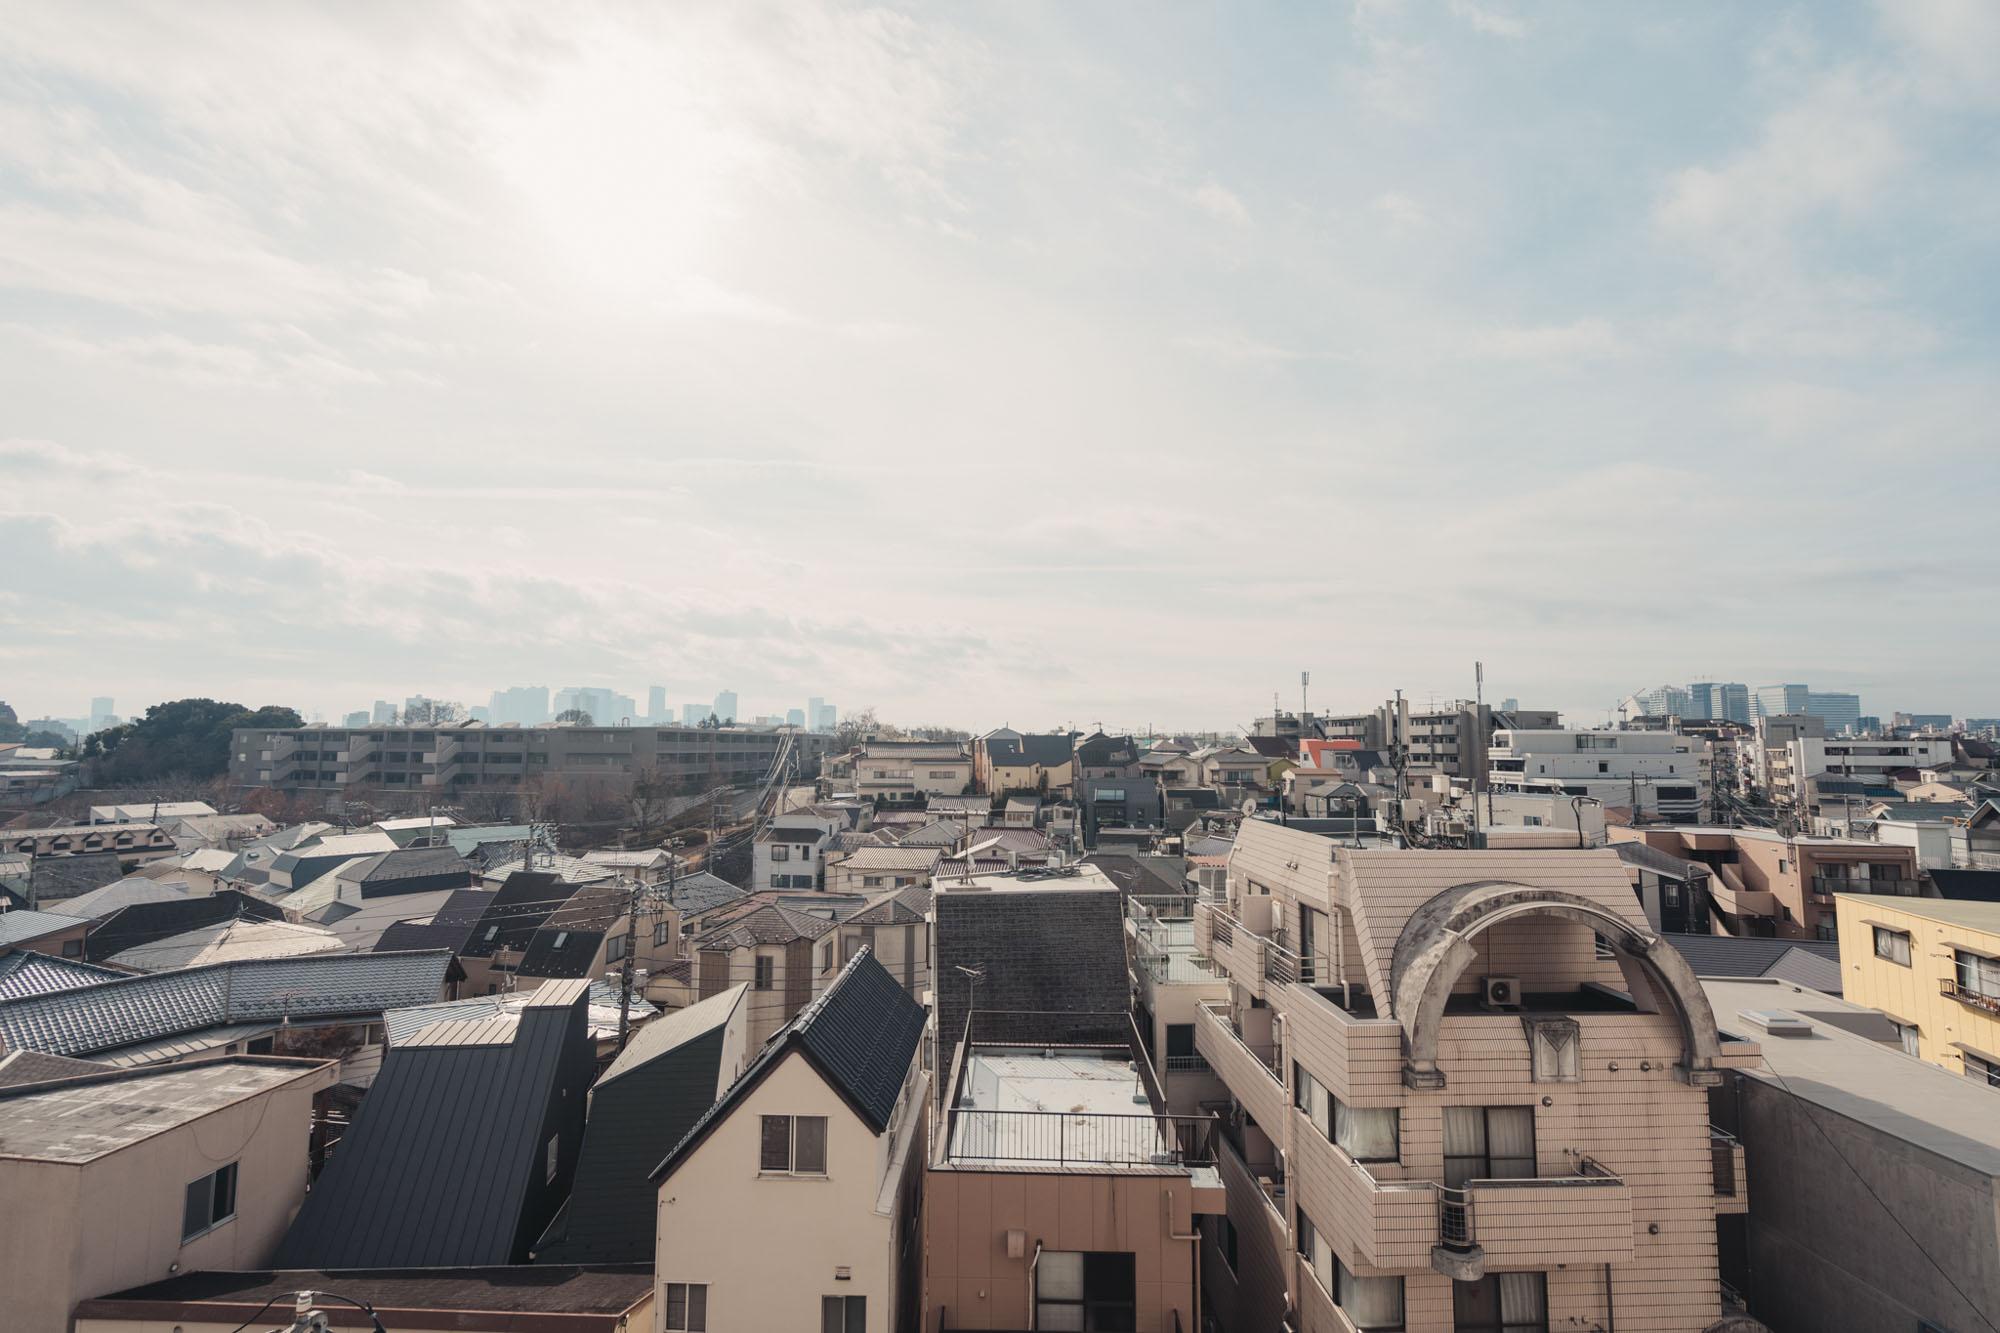 南側のバルコニーからの眺めはこちら。他に高い建物がないので、空が広いですね!